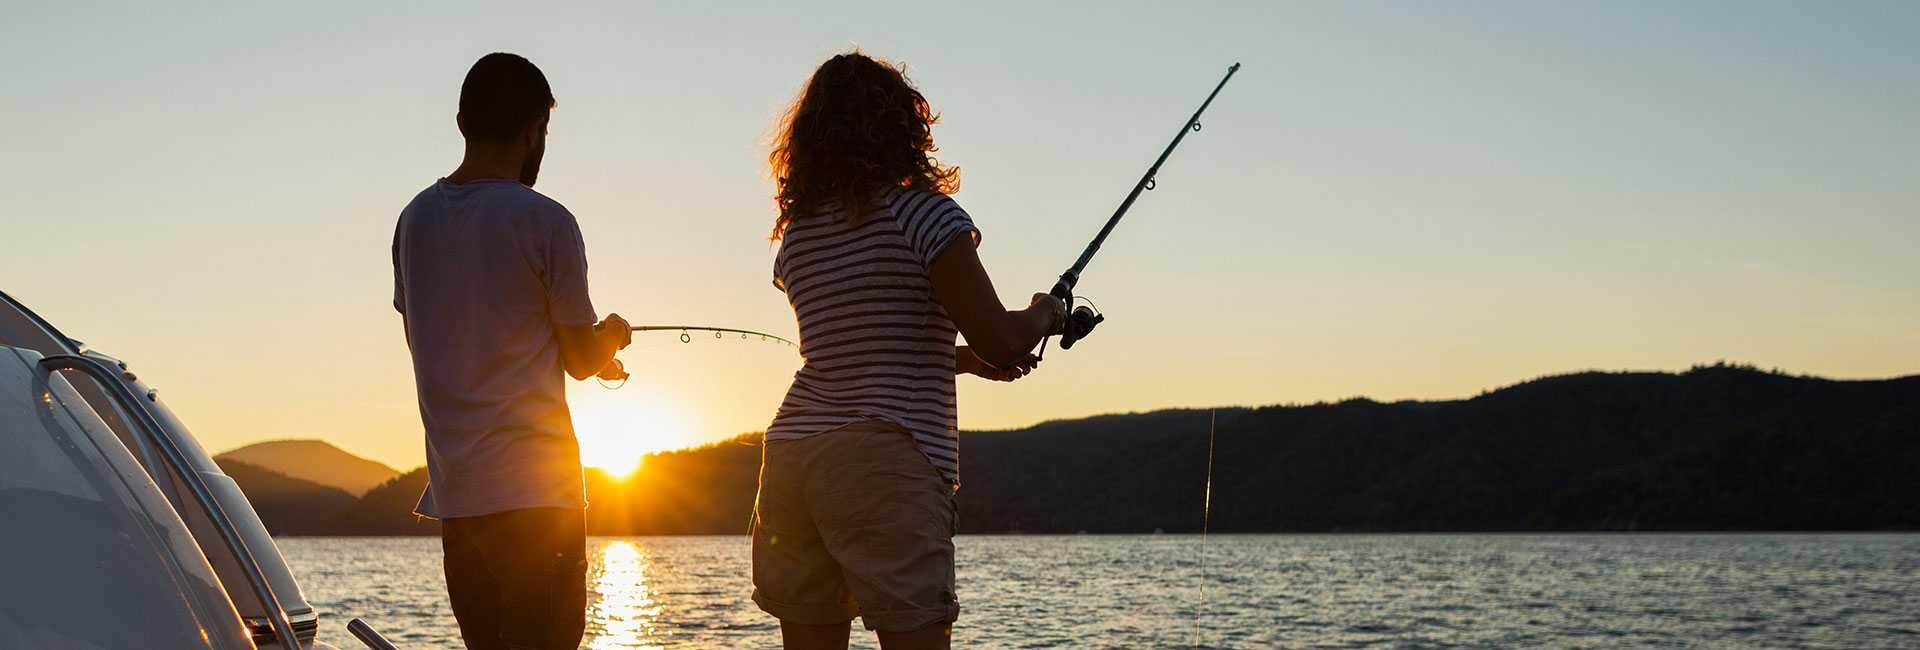 Bring Fishing | KYC